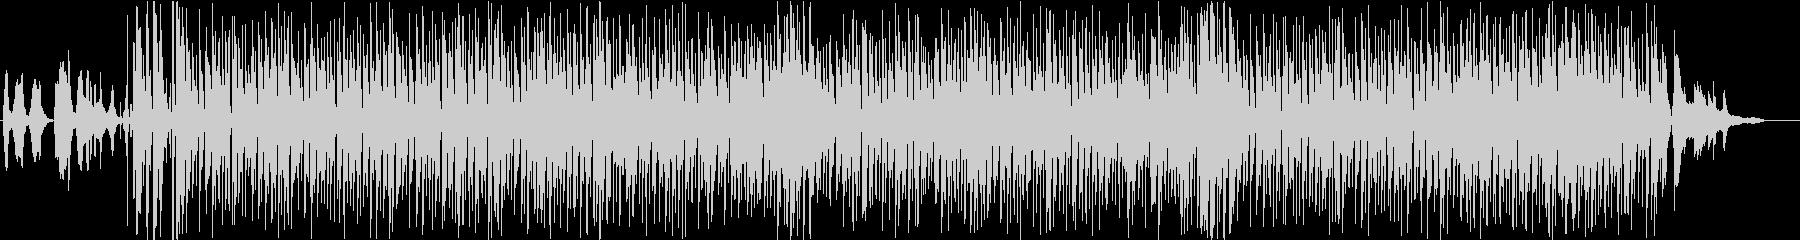 フランスのスウィング・ジャズ(伴奏版)の未再生の波形